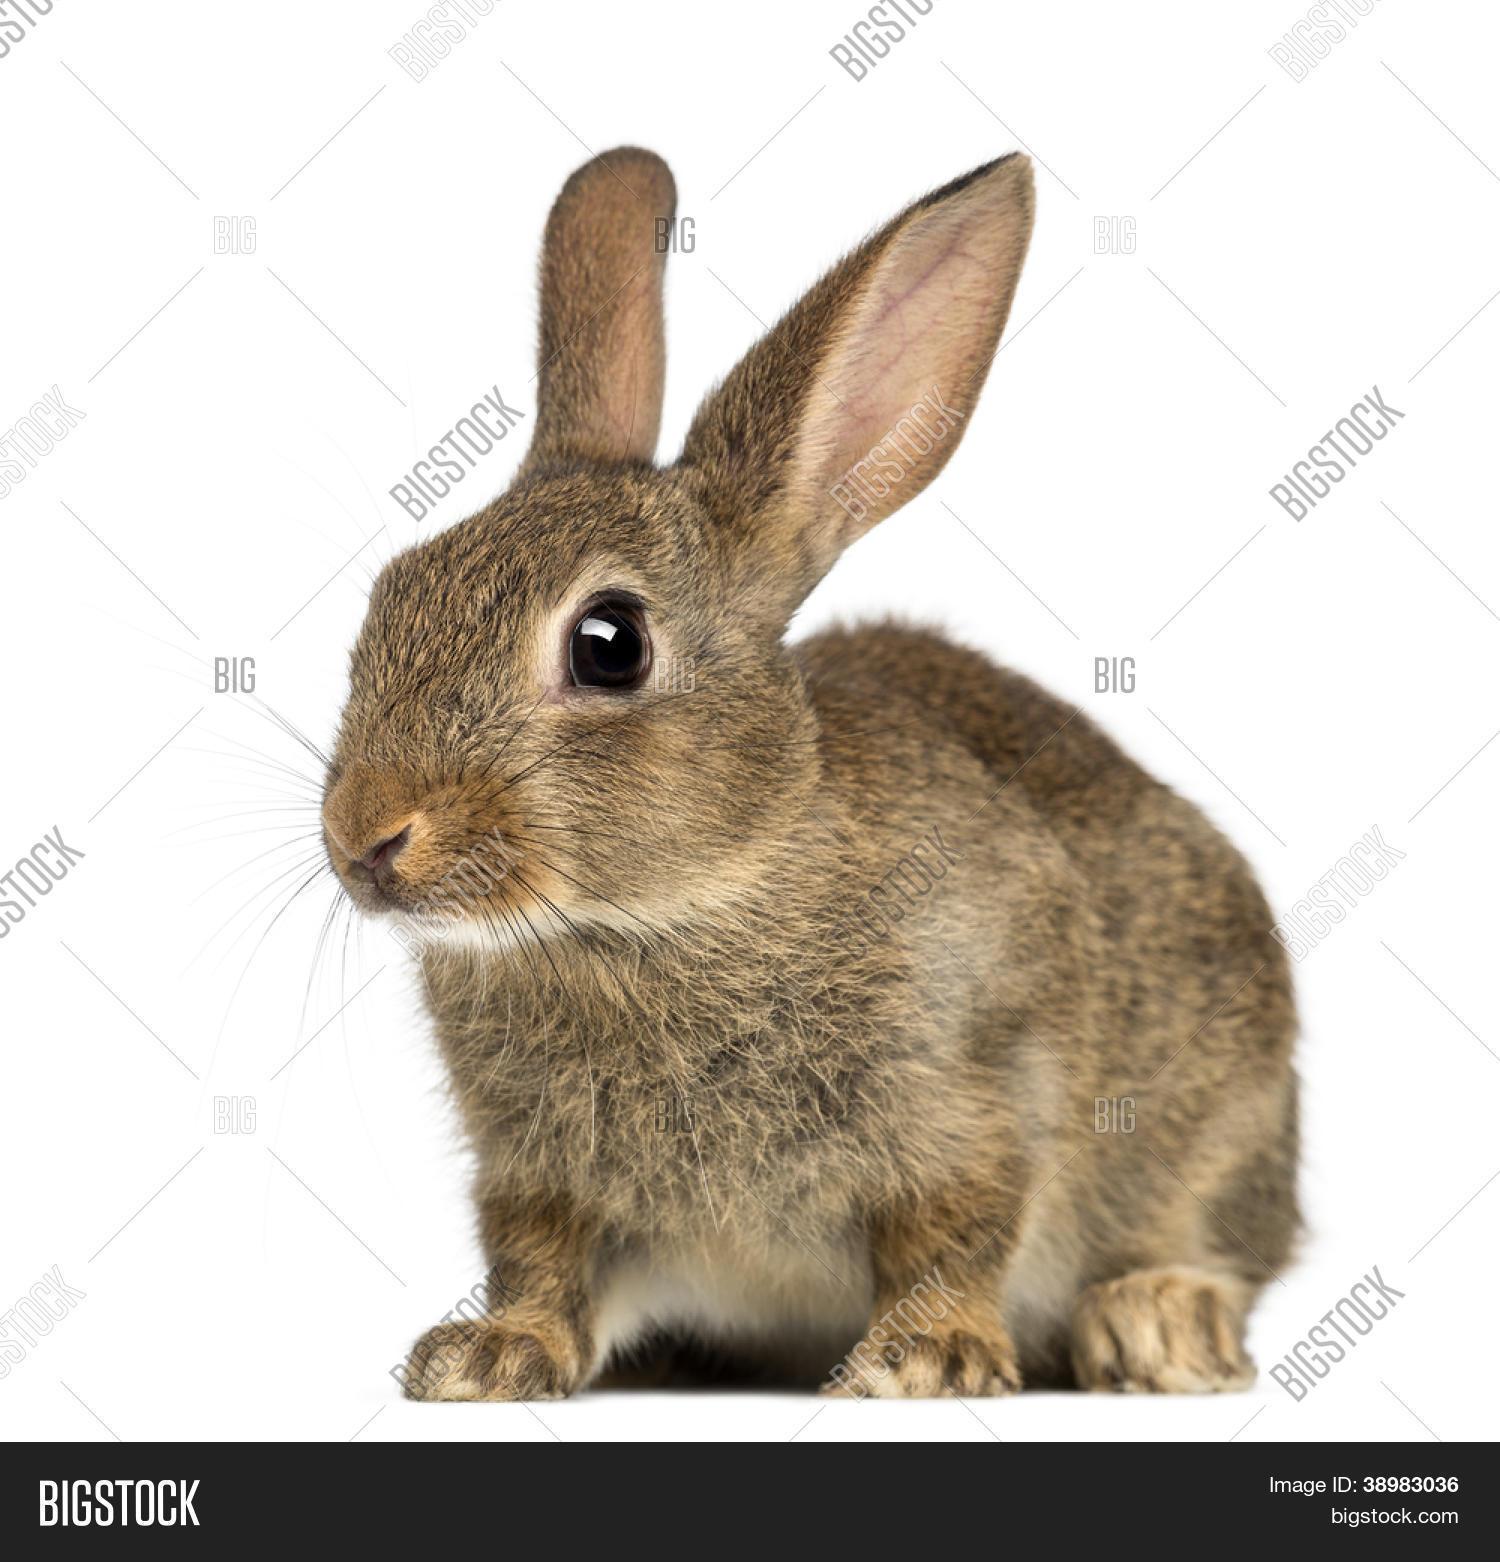 Image et photo de lapin de garenne ou lapin bigstock - Cuisiner un lapin de garenne ...